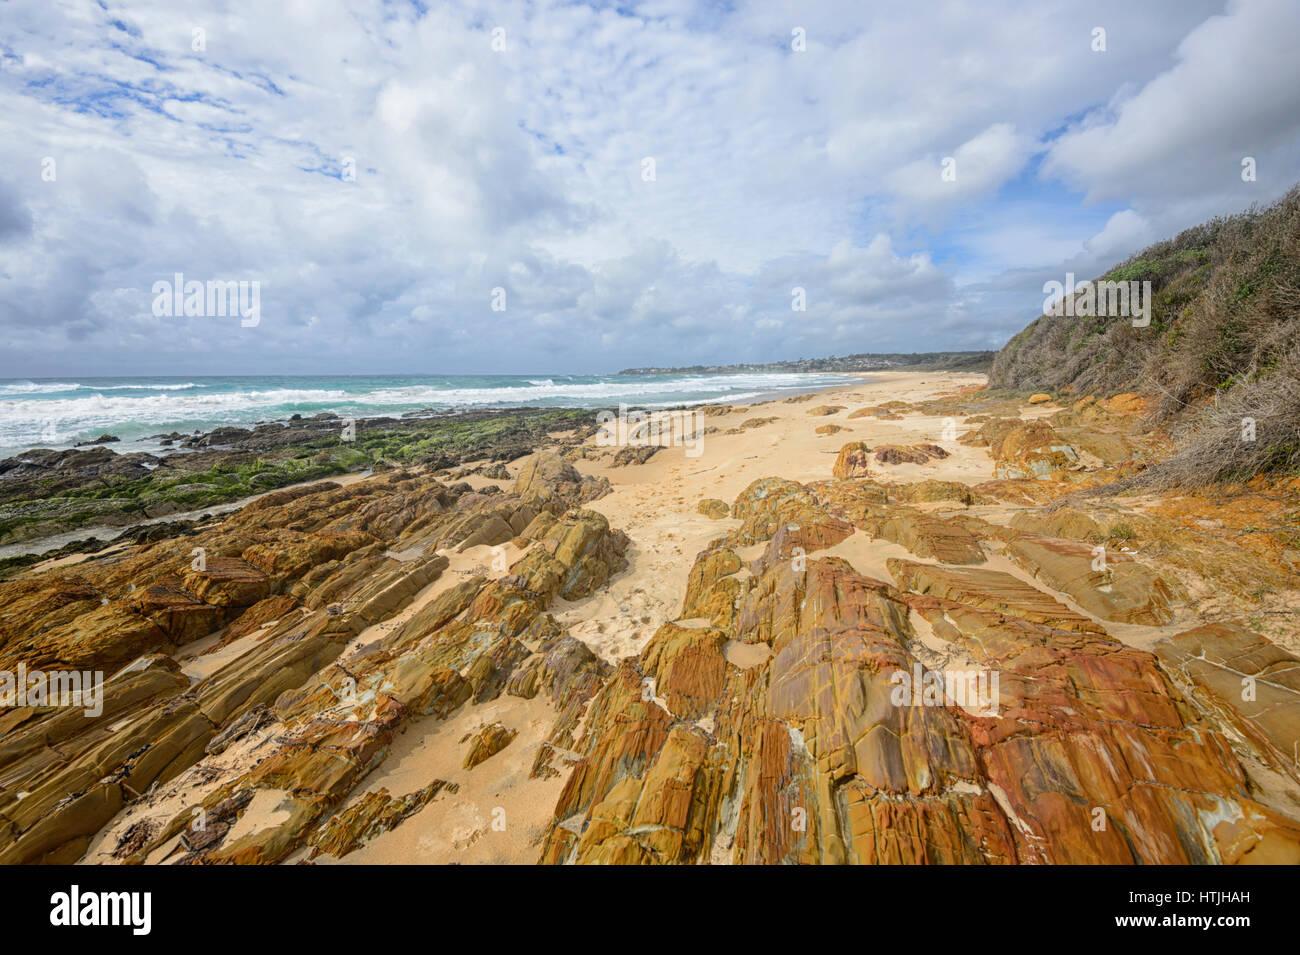 Spiaggia di Brou e le sue incredibili formazioni rocciose sulla costa di zaffiro, Nuovo Galles del Sud, NSW, Australia Immagini Stock